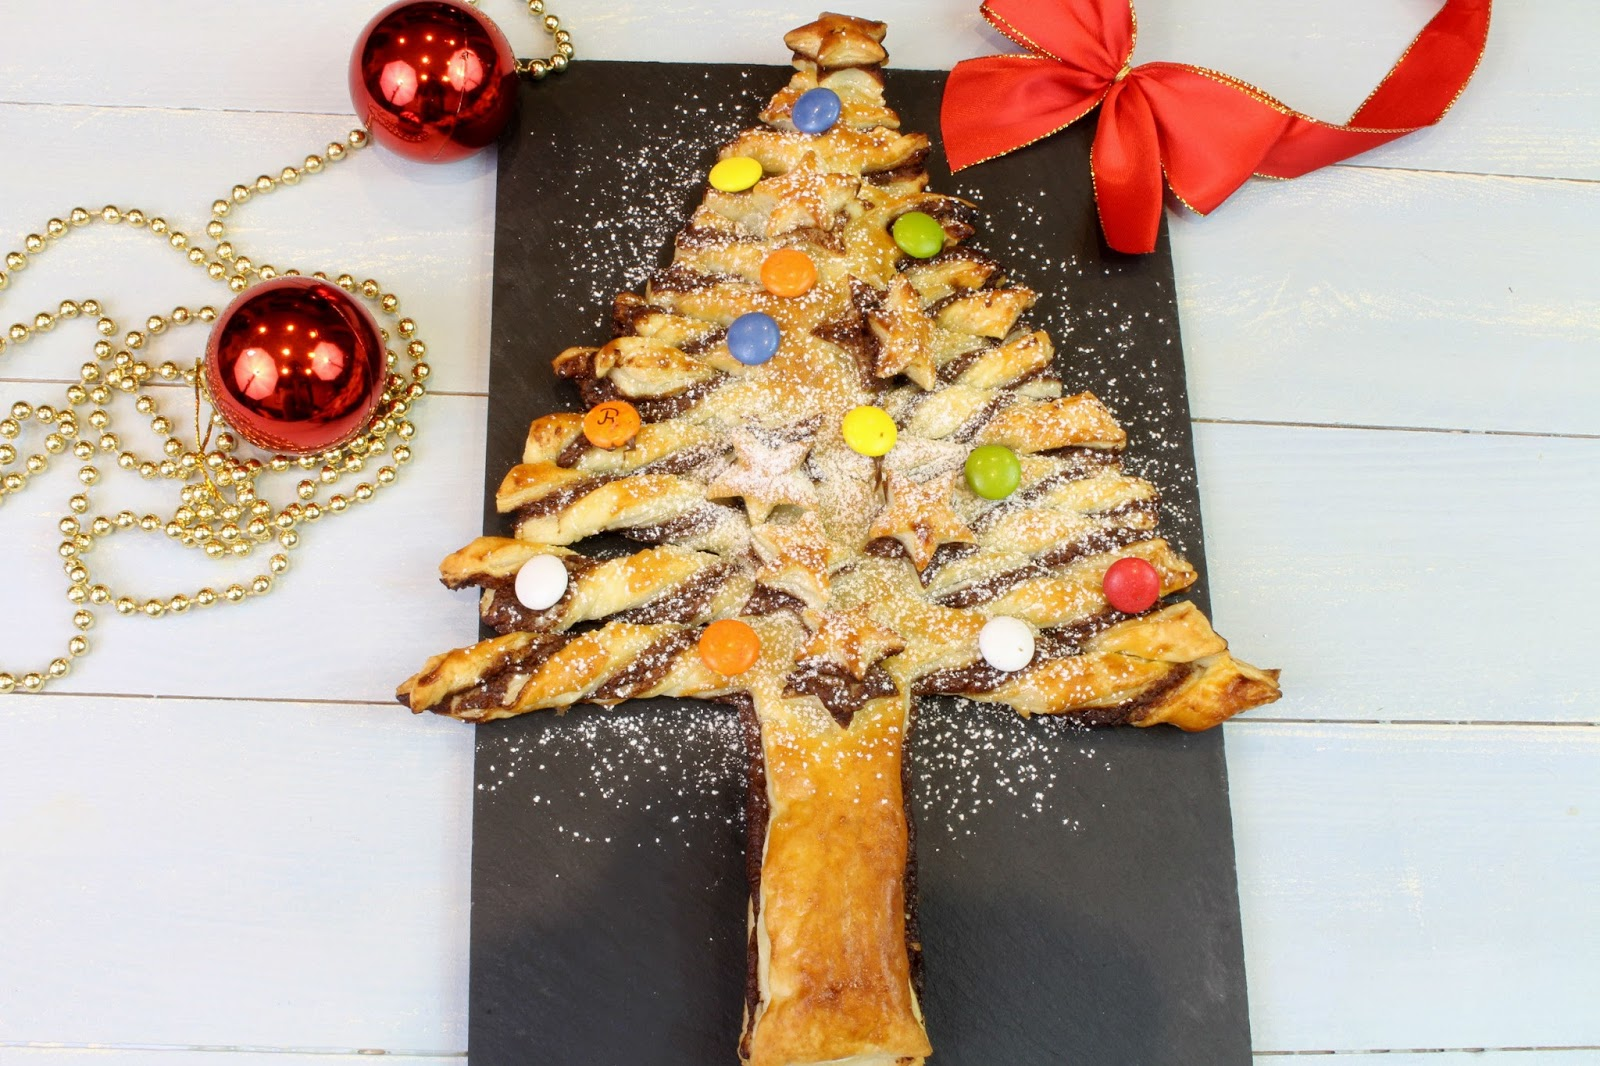 Receta de arbolito de Navidad de hojaldre y Nutella